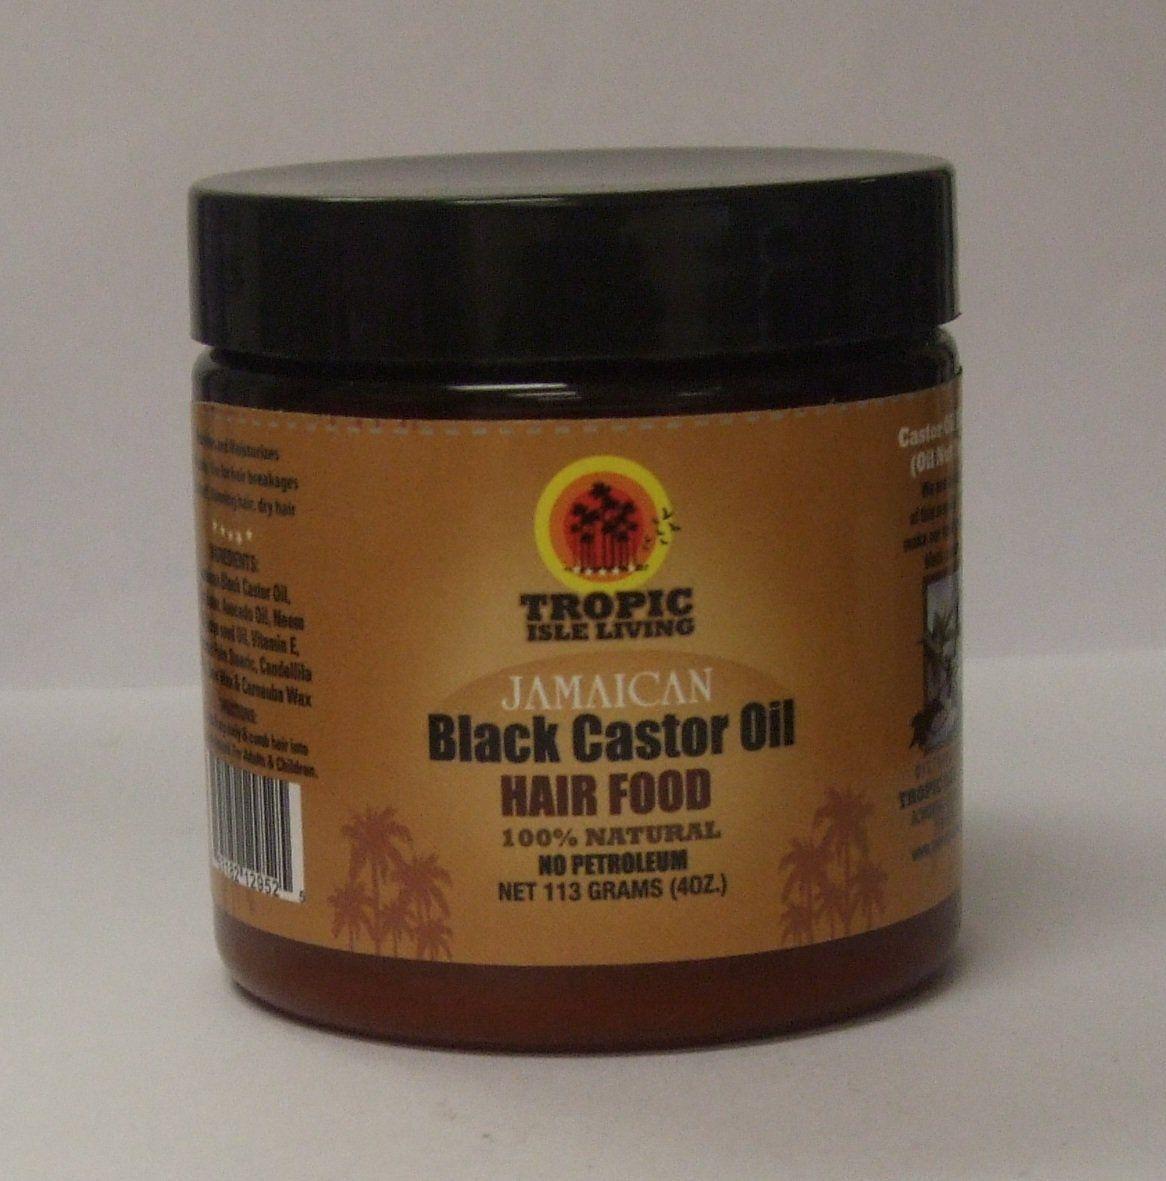 Tropic isle jamaican black castor oil hair food ounce you can